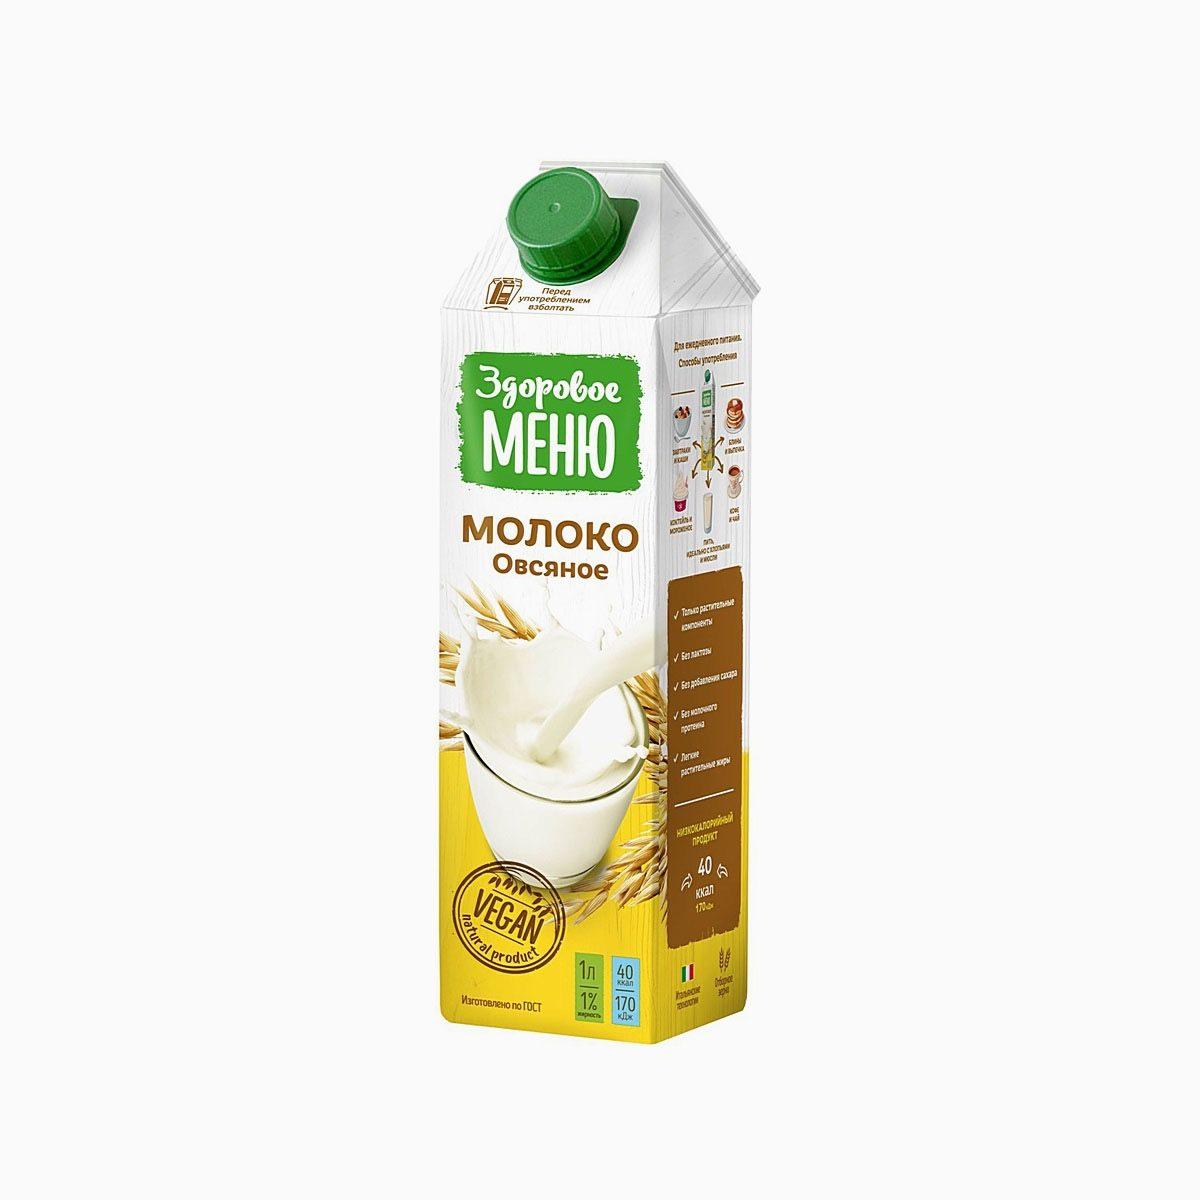 Молоко овсяное, Здоровое меню, 1 л